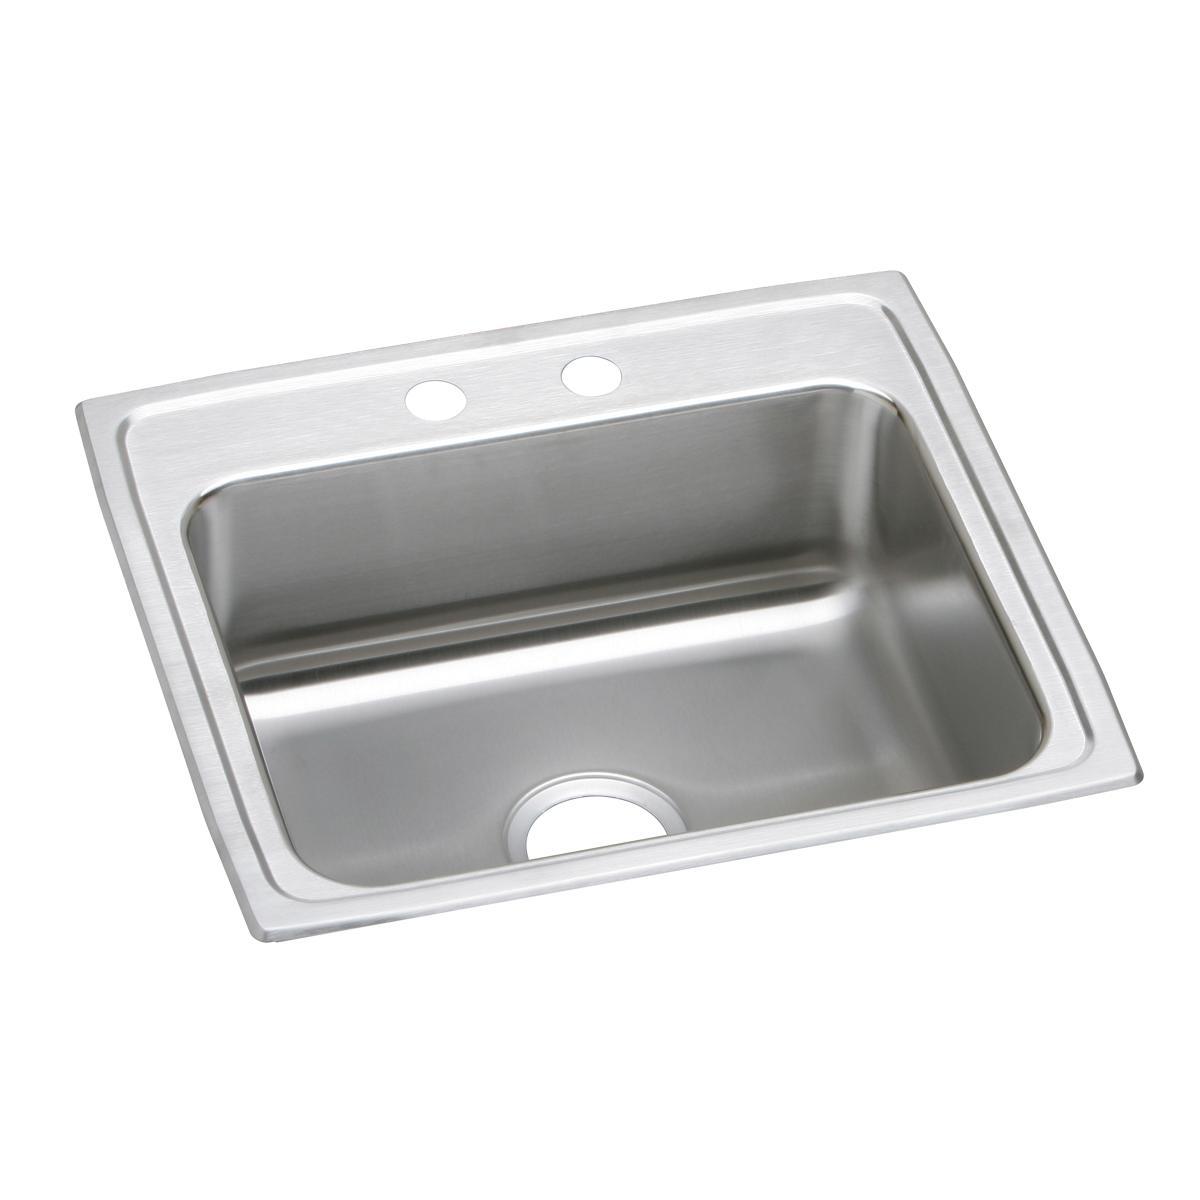 """Elkay Lustertone Classic Stainless Steel 22"""" X 19-1/2"""" X 5-1/2"""", Single Bowl Drop-in ADA Sink"""